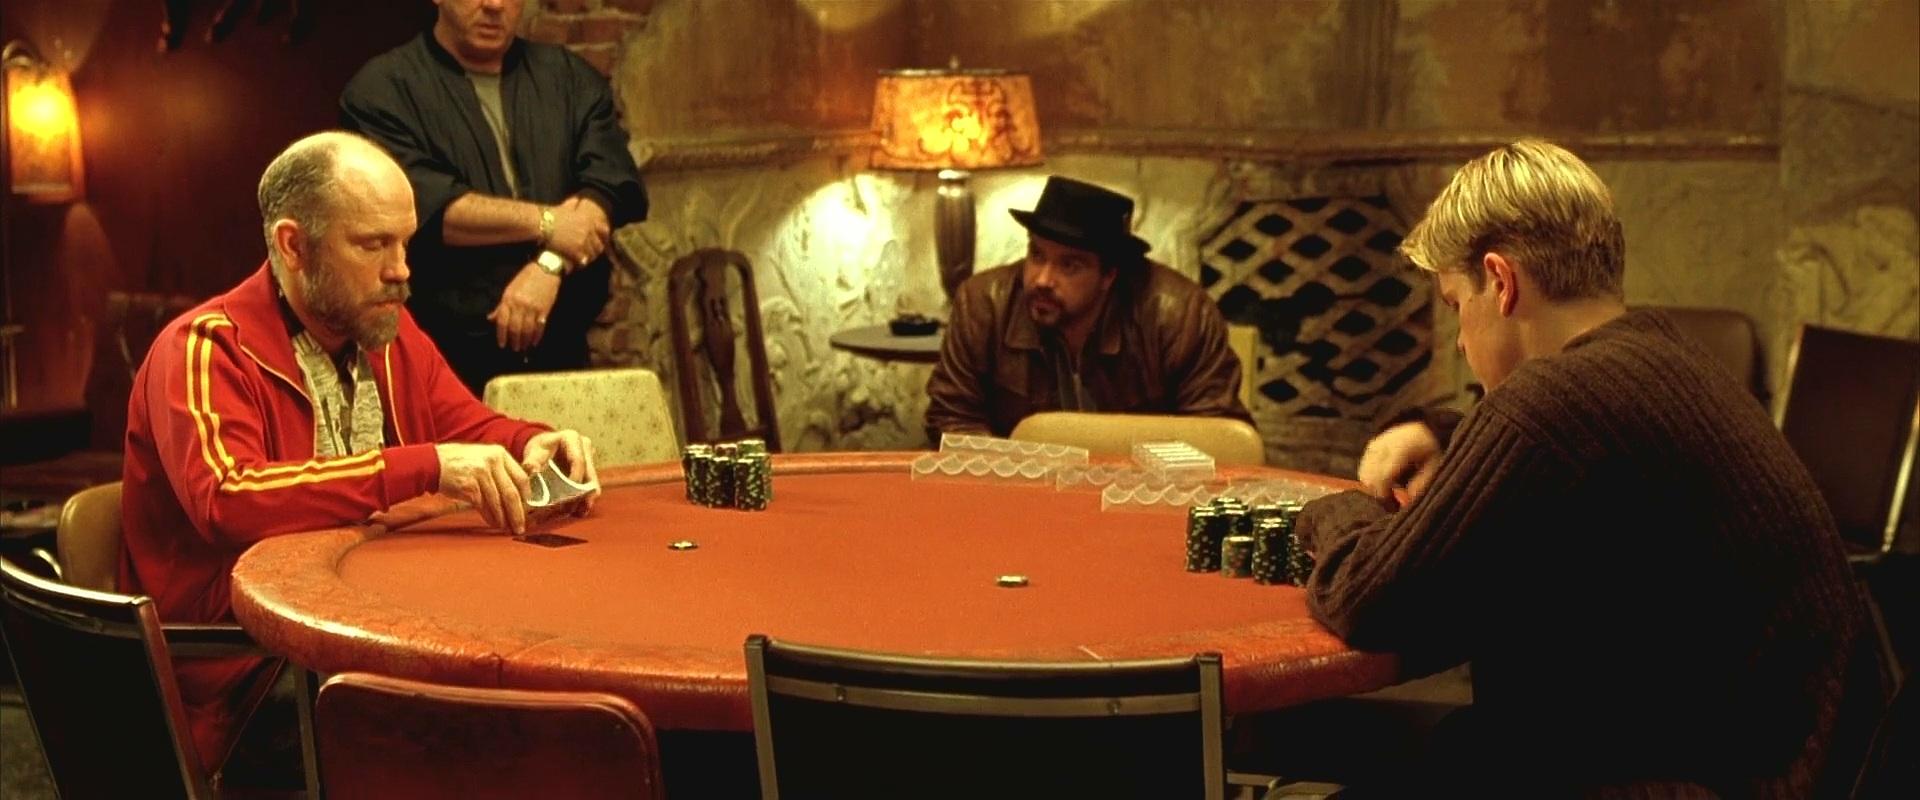 10 Greatest Gambling Scenes In Movies GeekTyrant